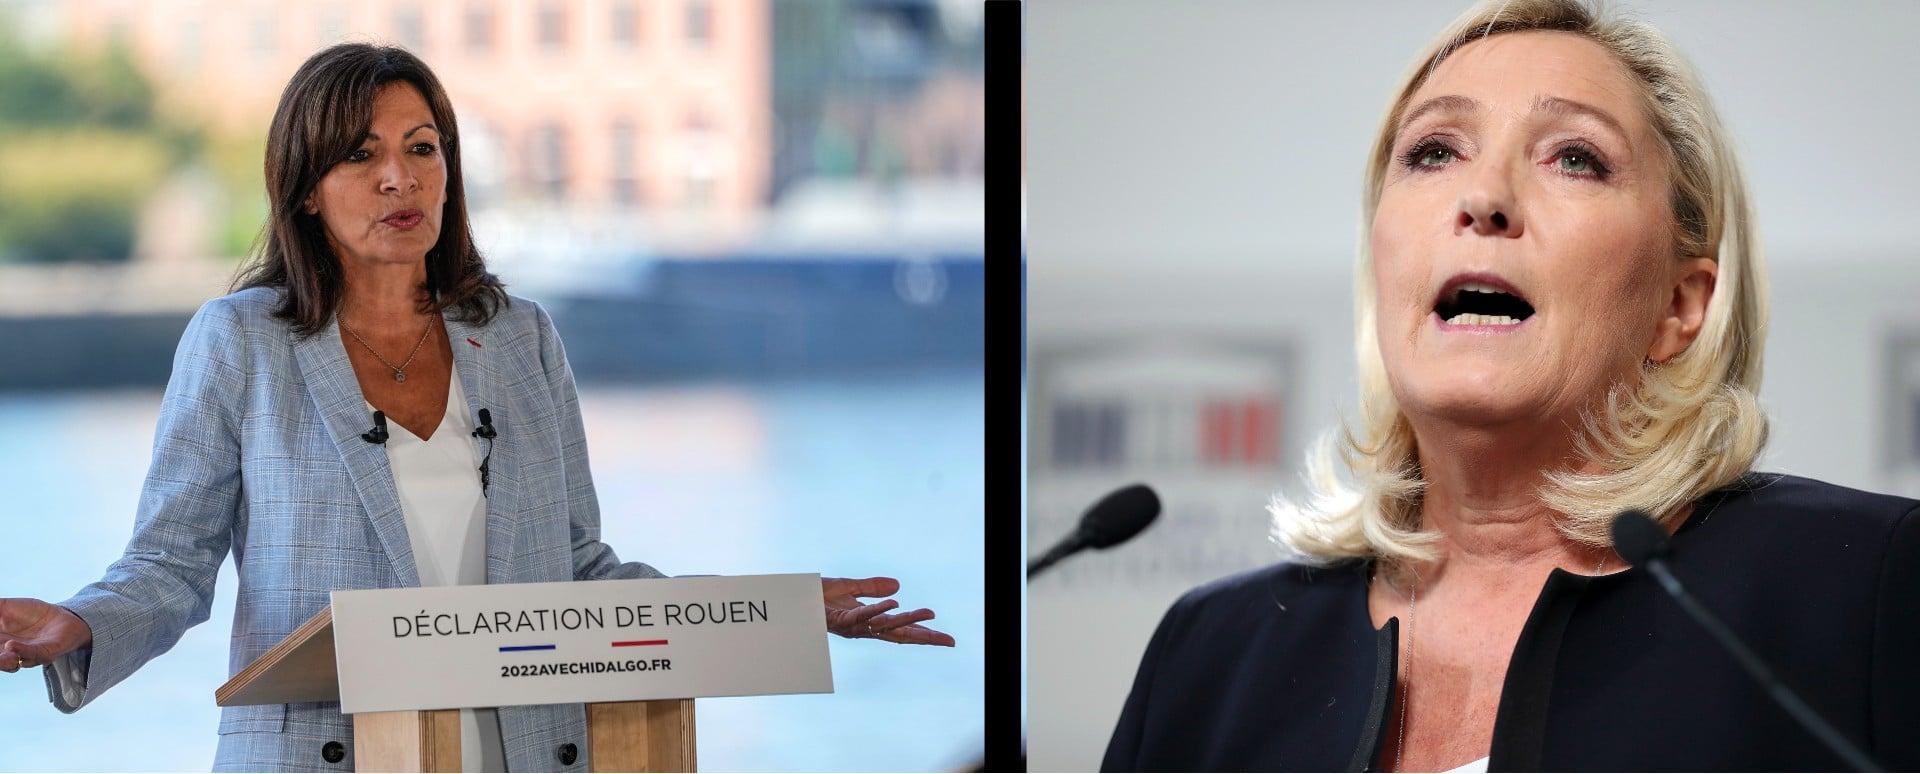 Dos mujeres anuncian su candidatura para la presidencia de Francia